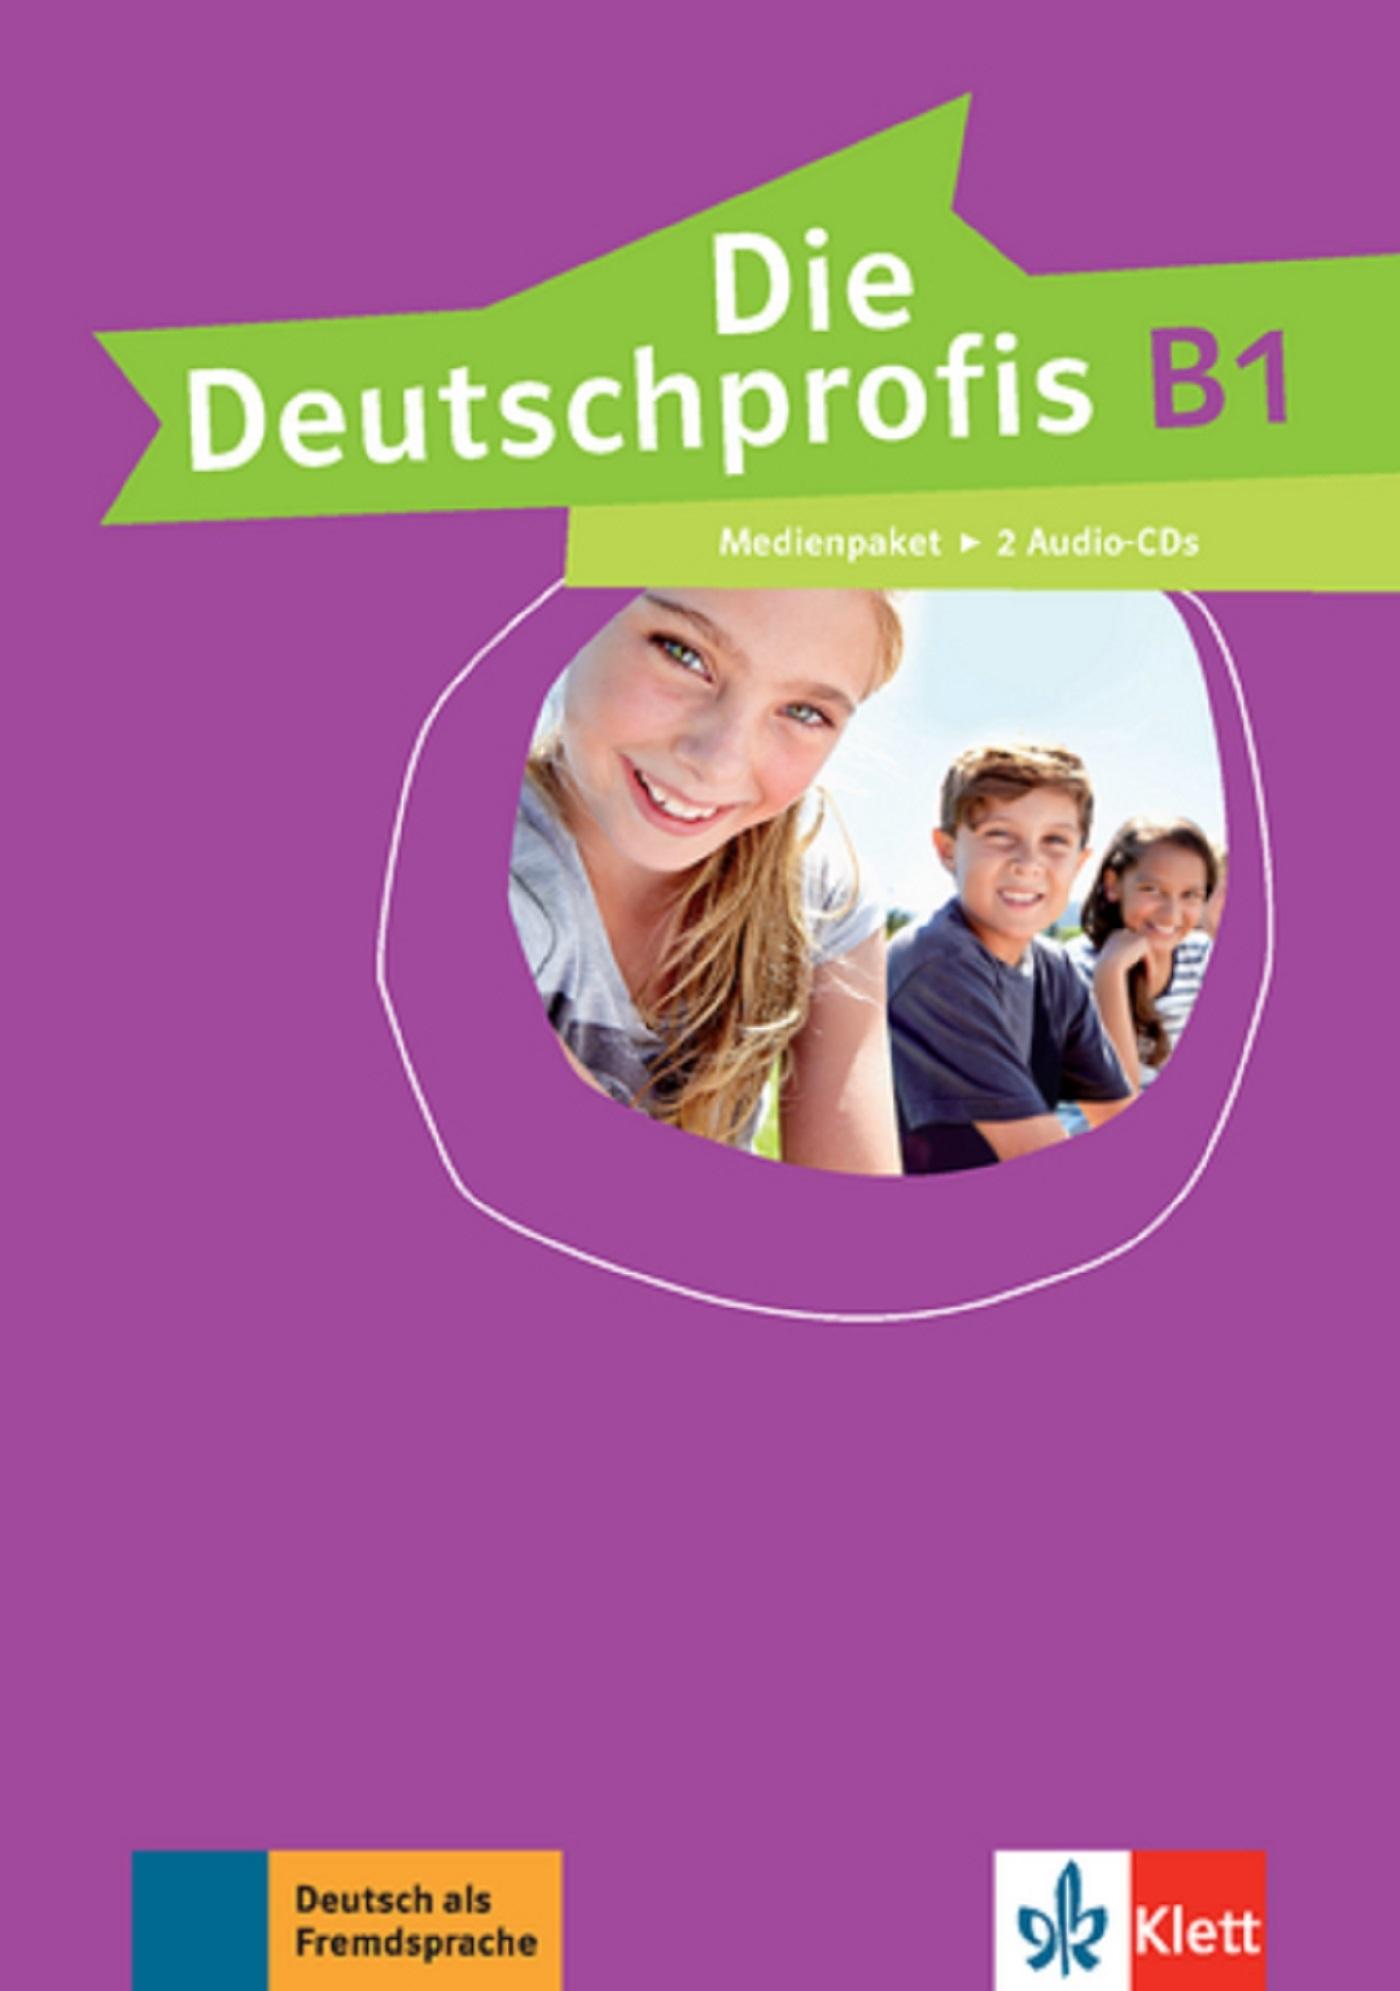 DIE DEUTSCHPROFIS B1 - PACK CD